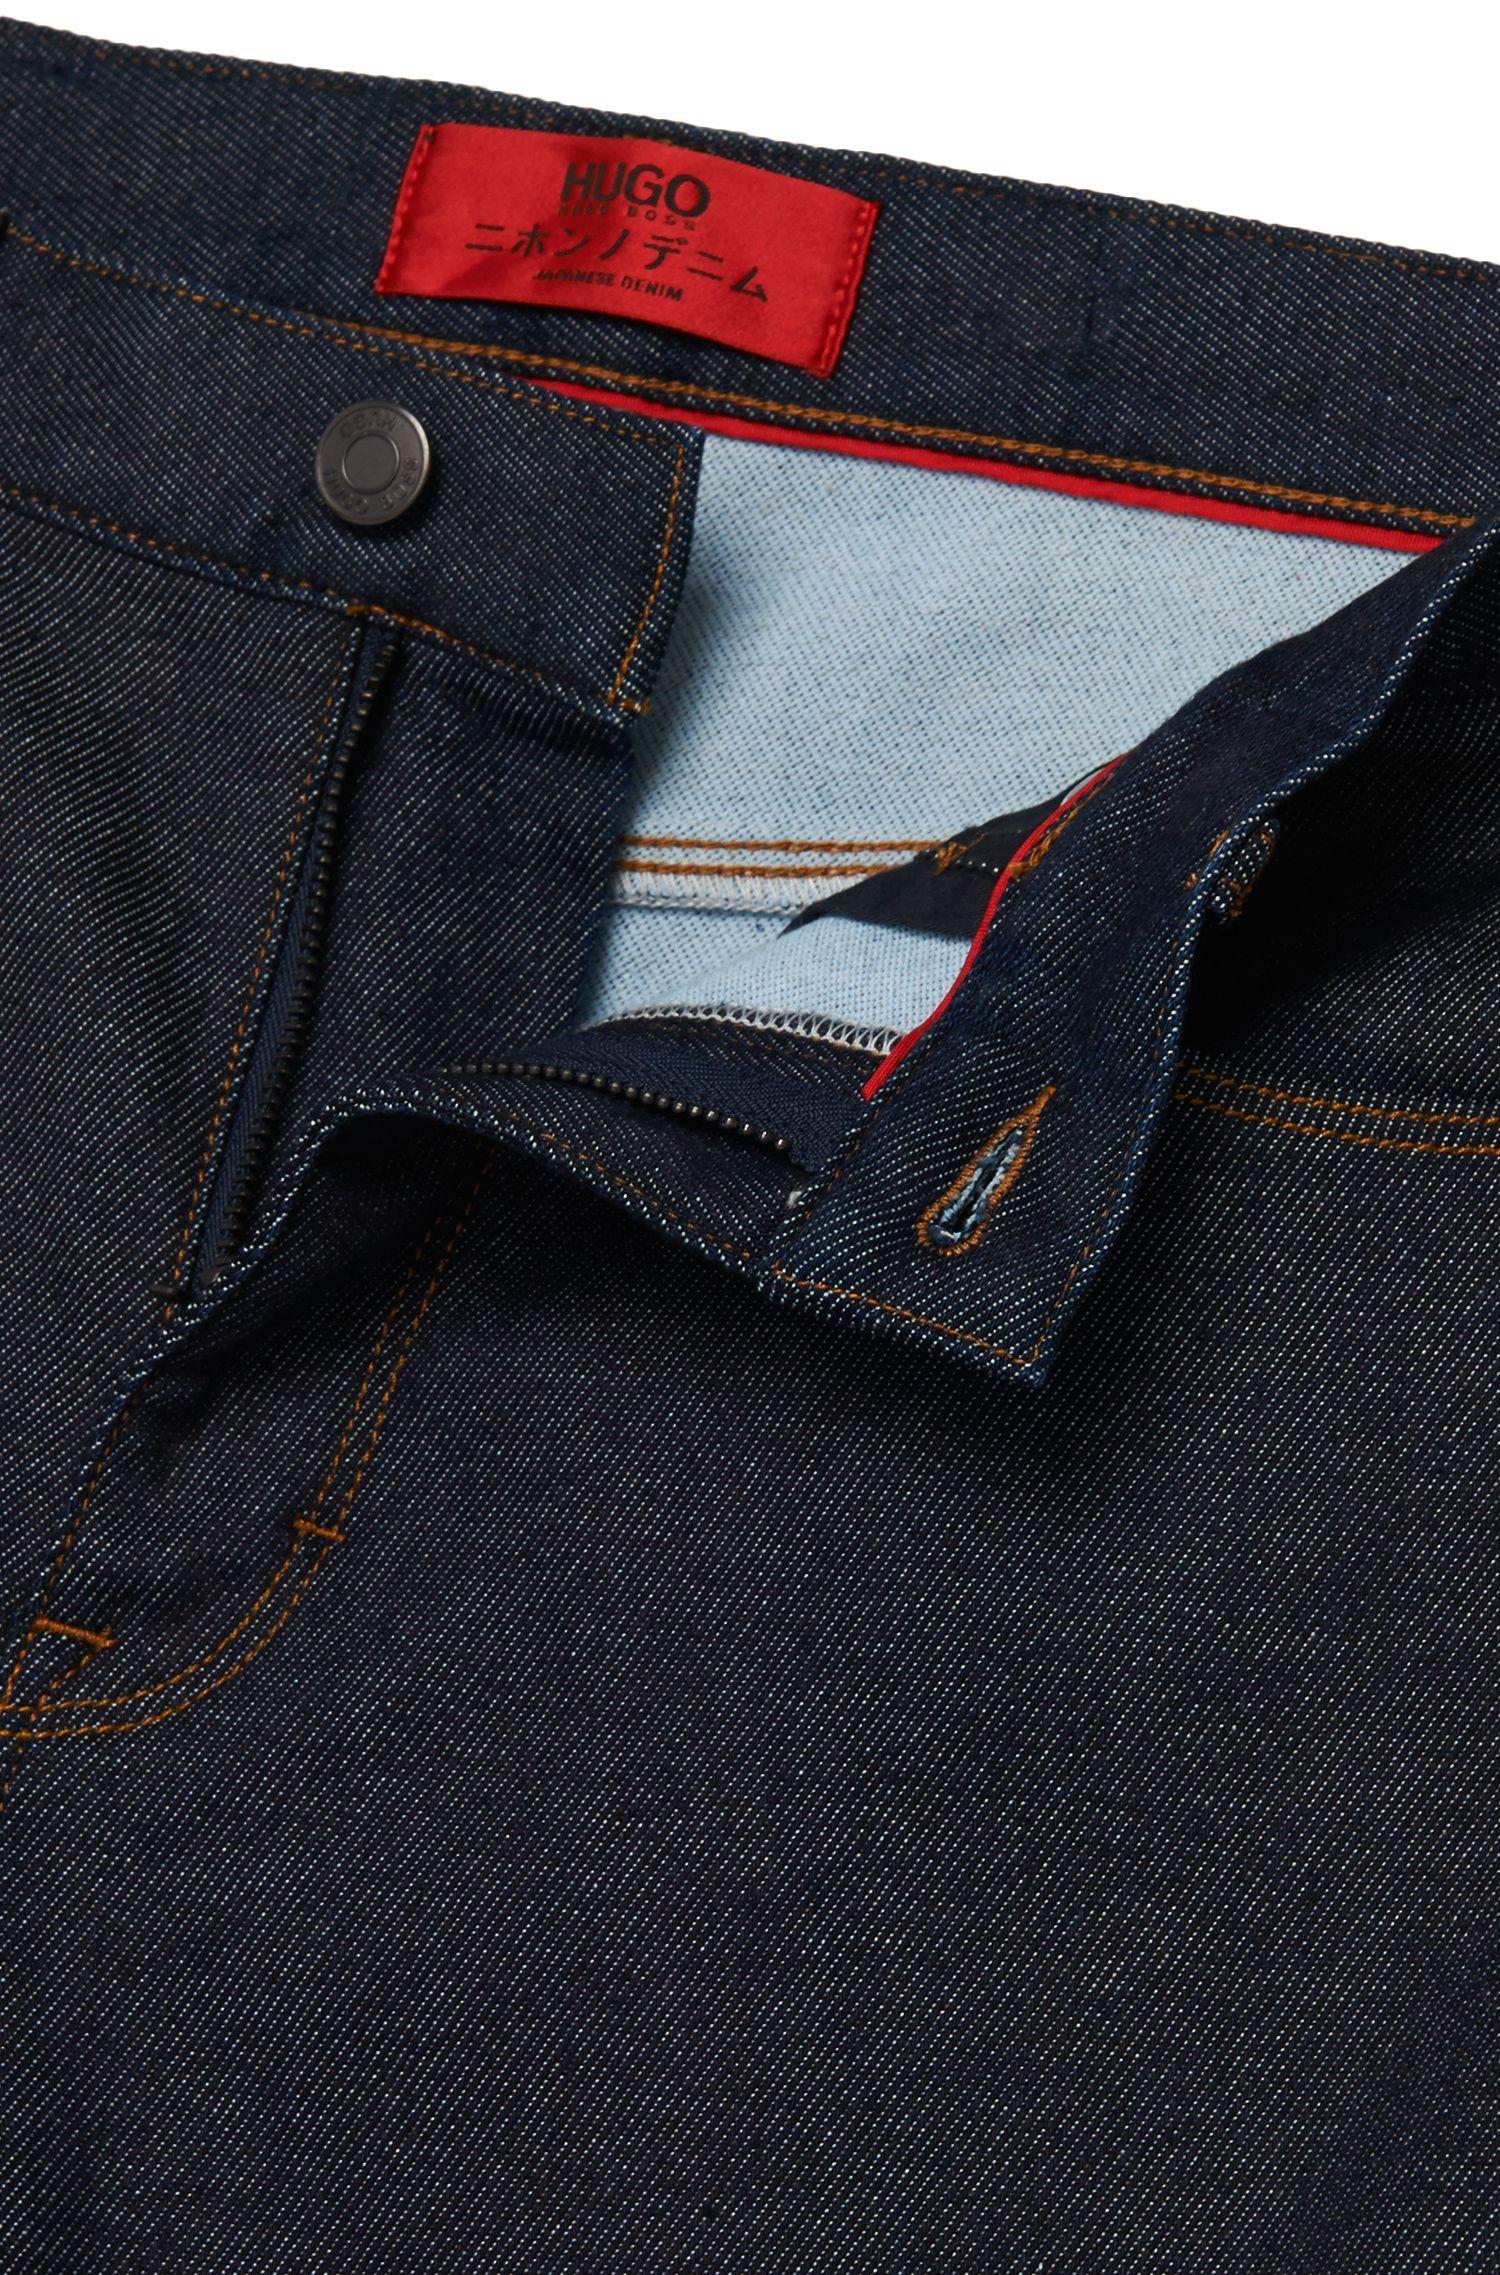 Skinny-Fit Jeans aus Baumwoll-Mix in Rinsed-Optik: 'HUGO 734'